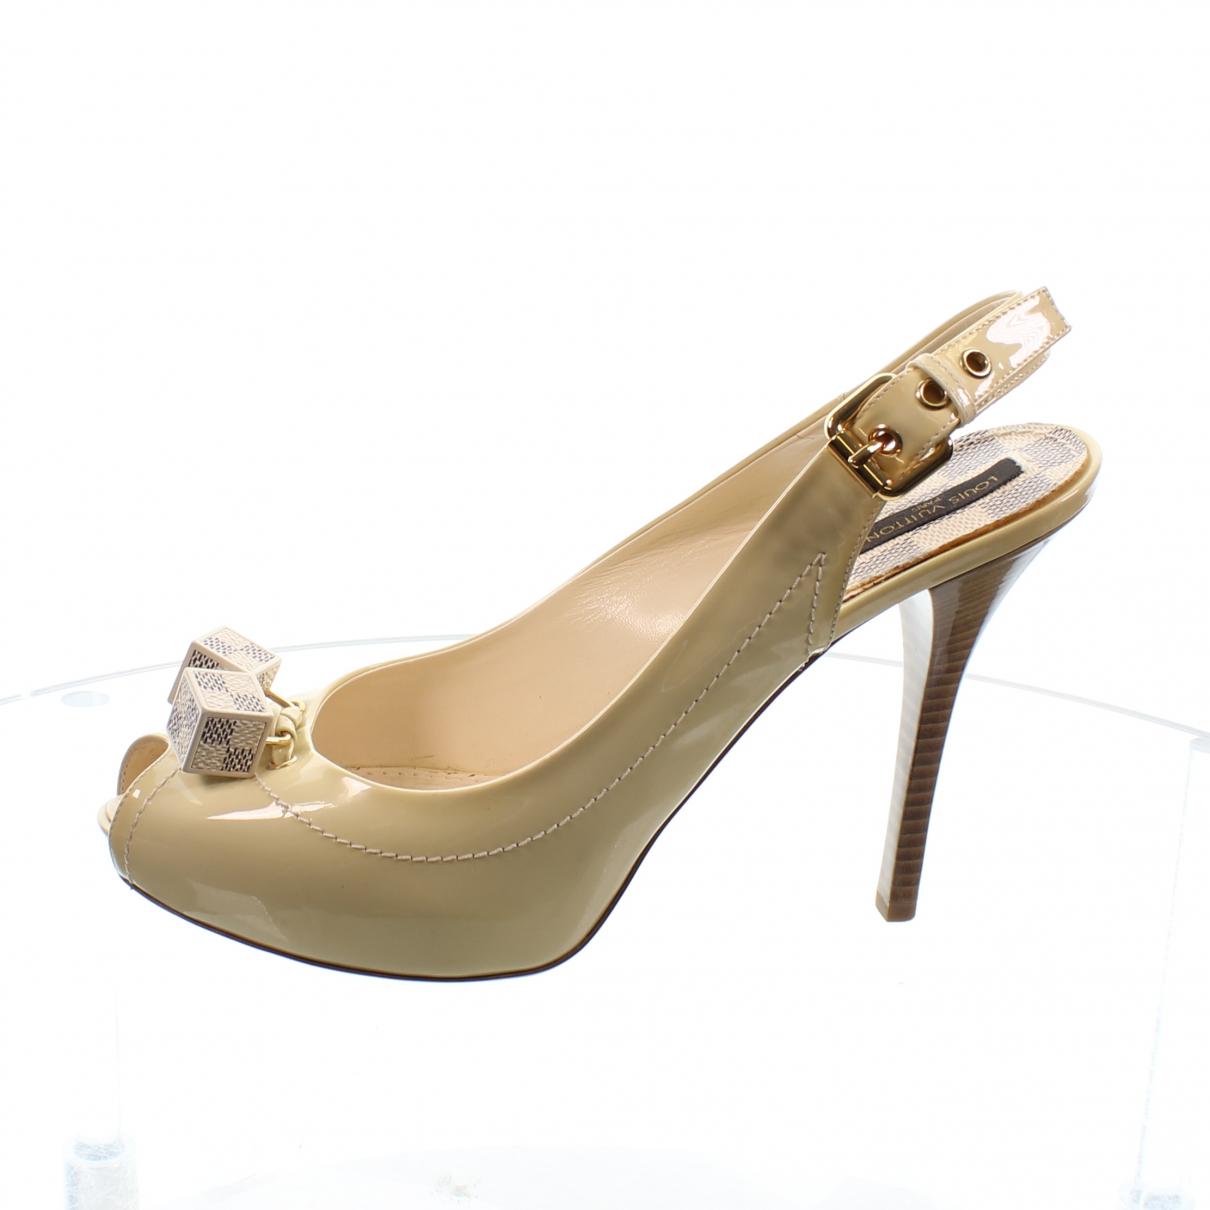 Louis Vuitton - Escarpins   pour femme en cuir verni - ecru